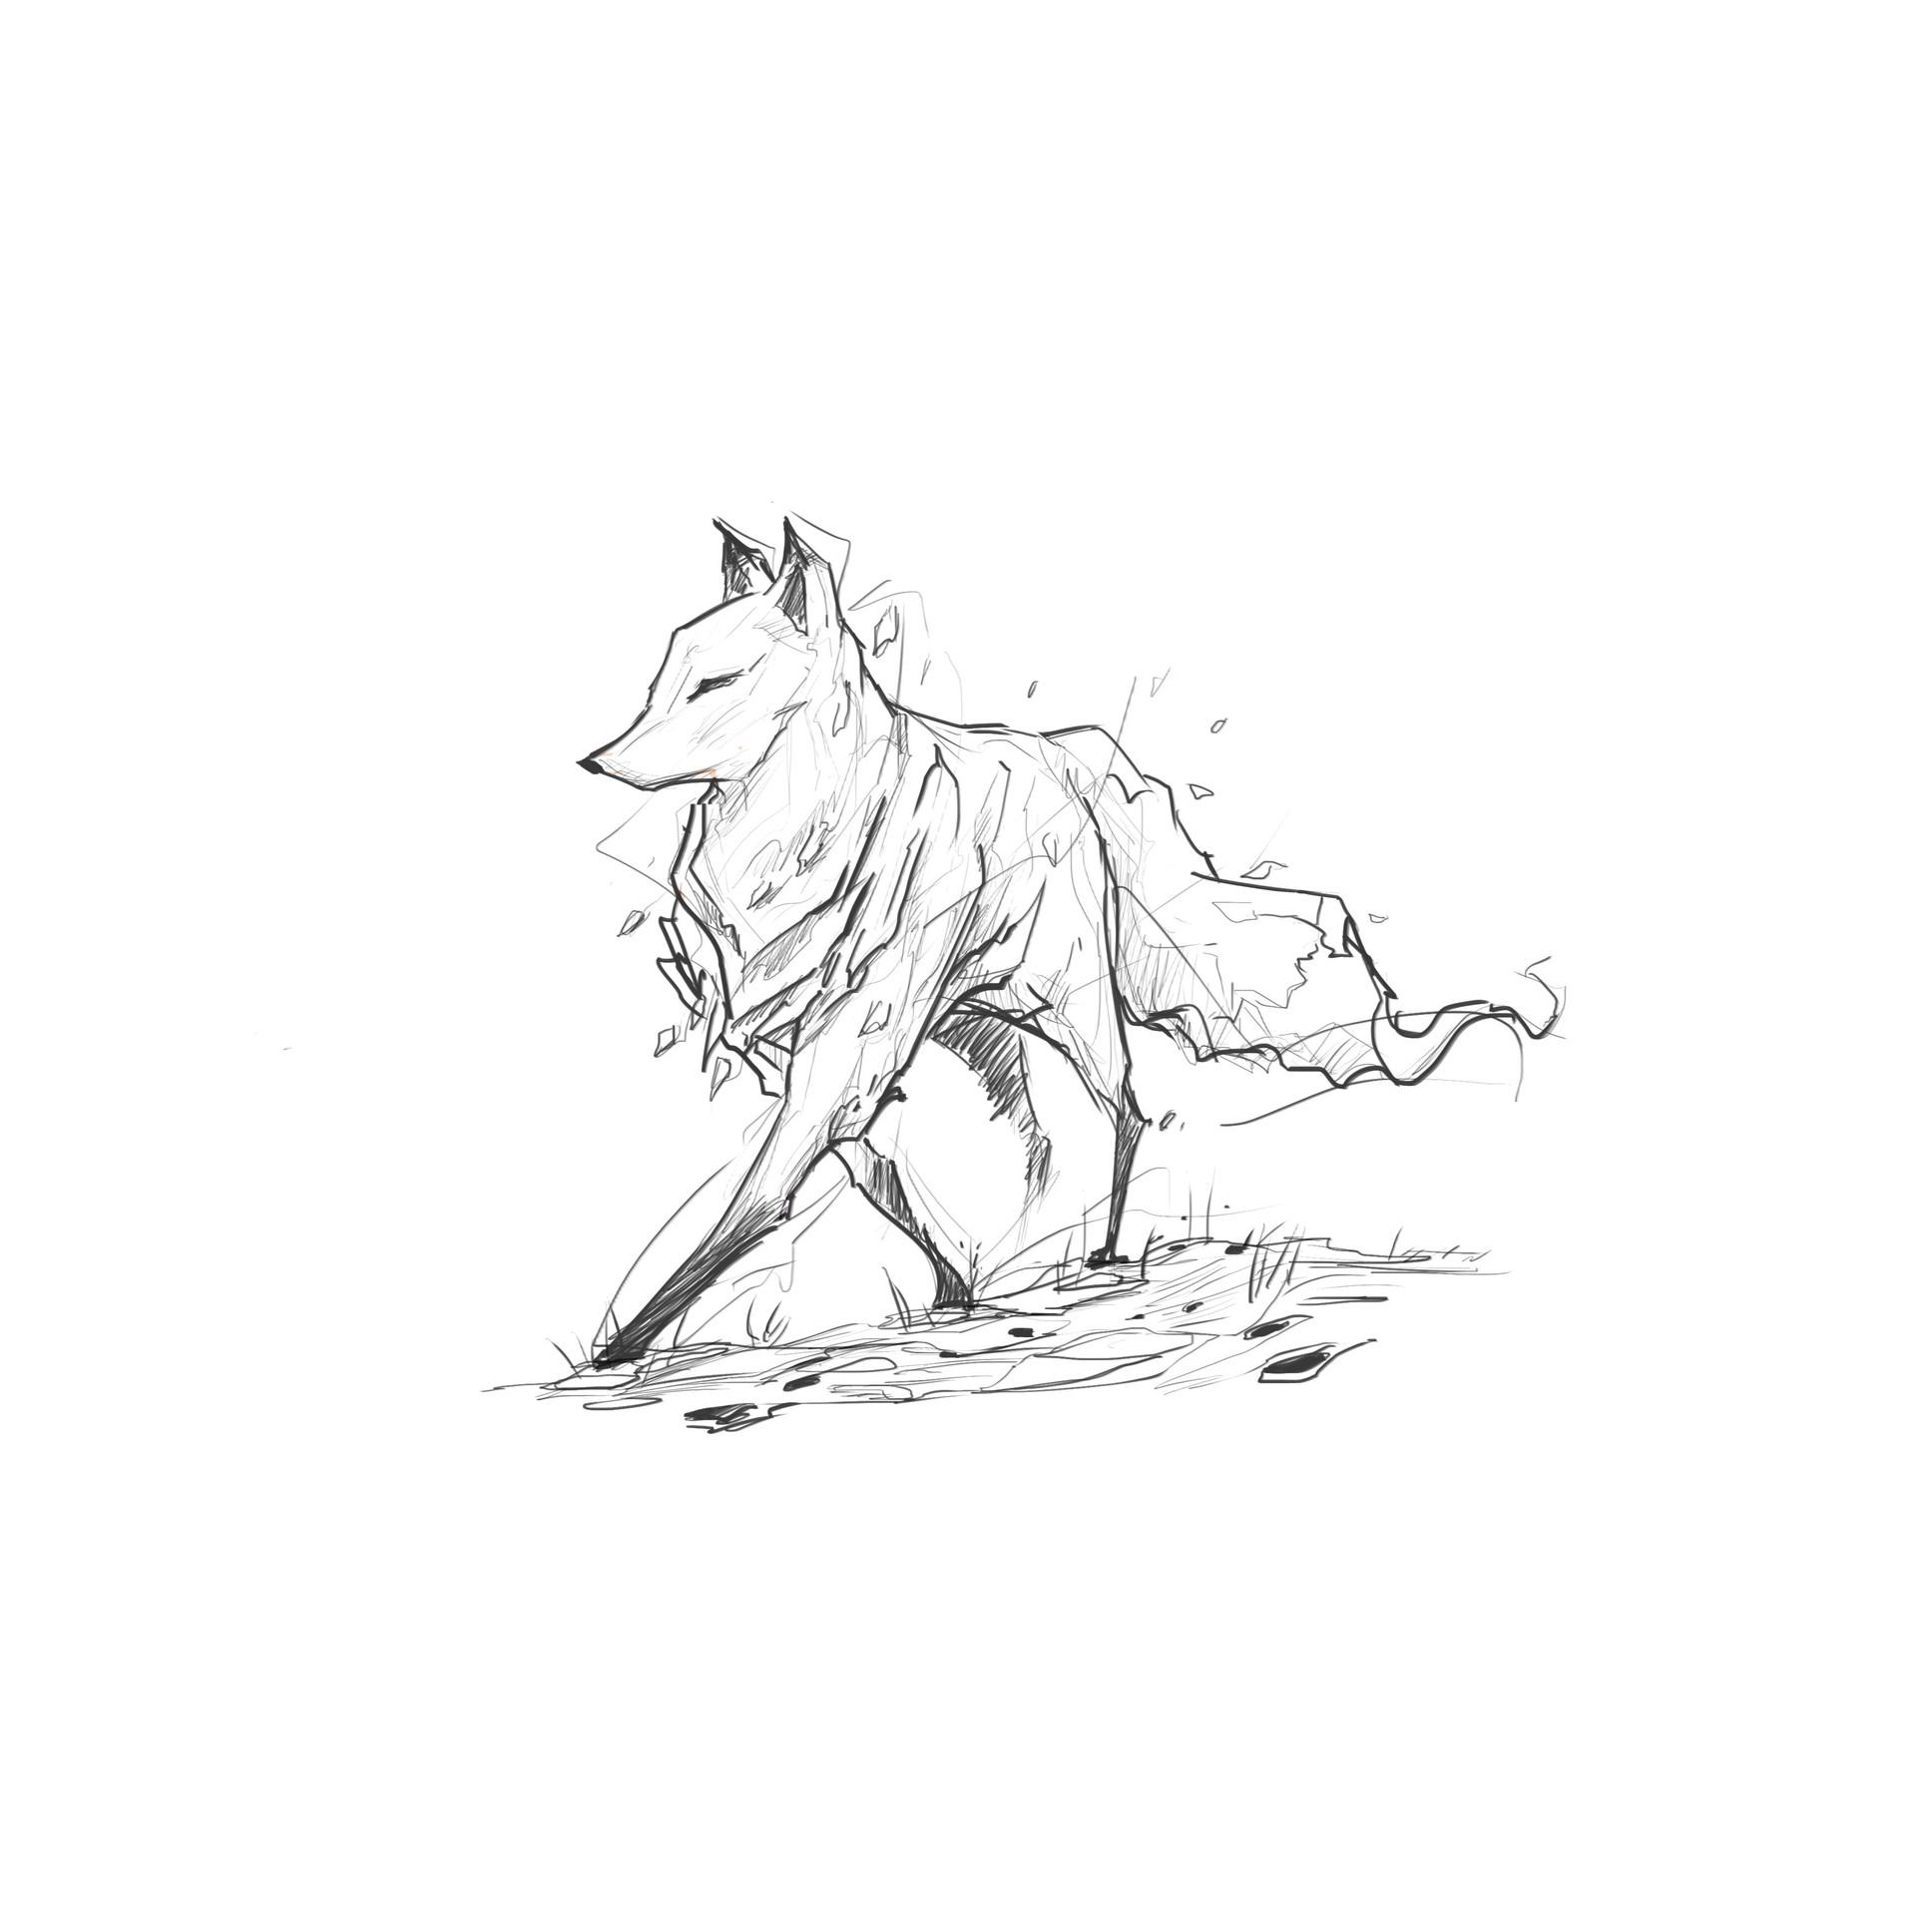 Christian benavides fox spirit line